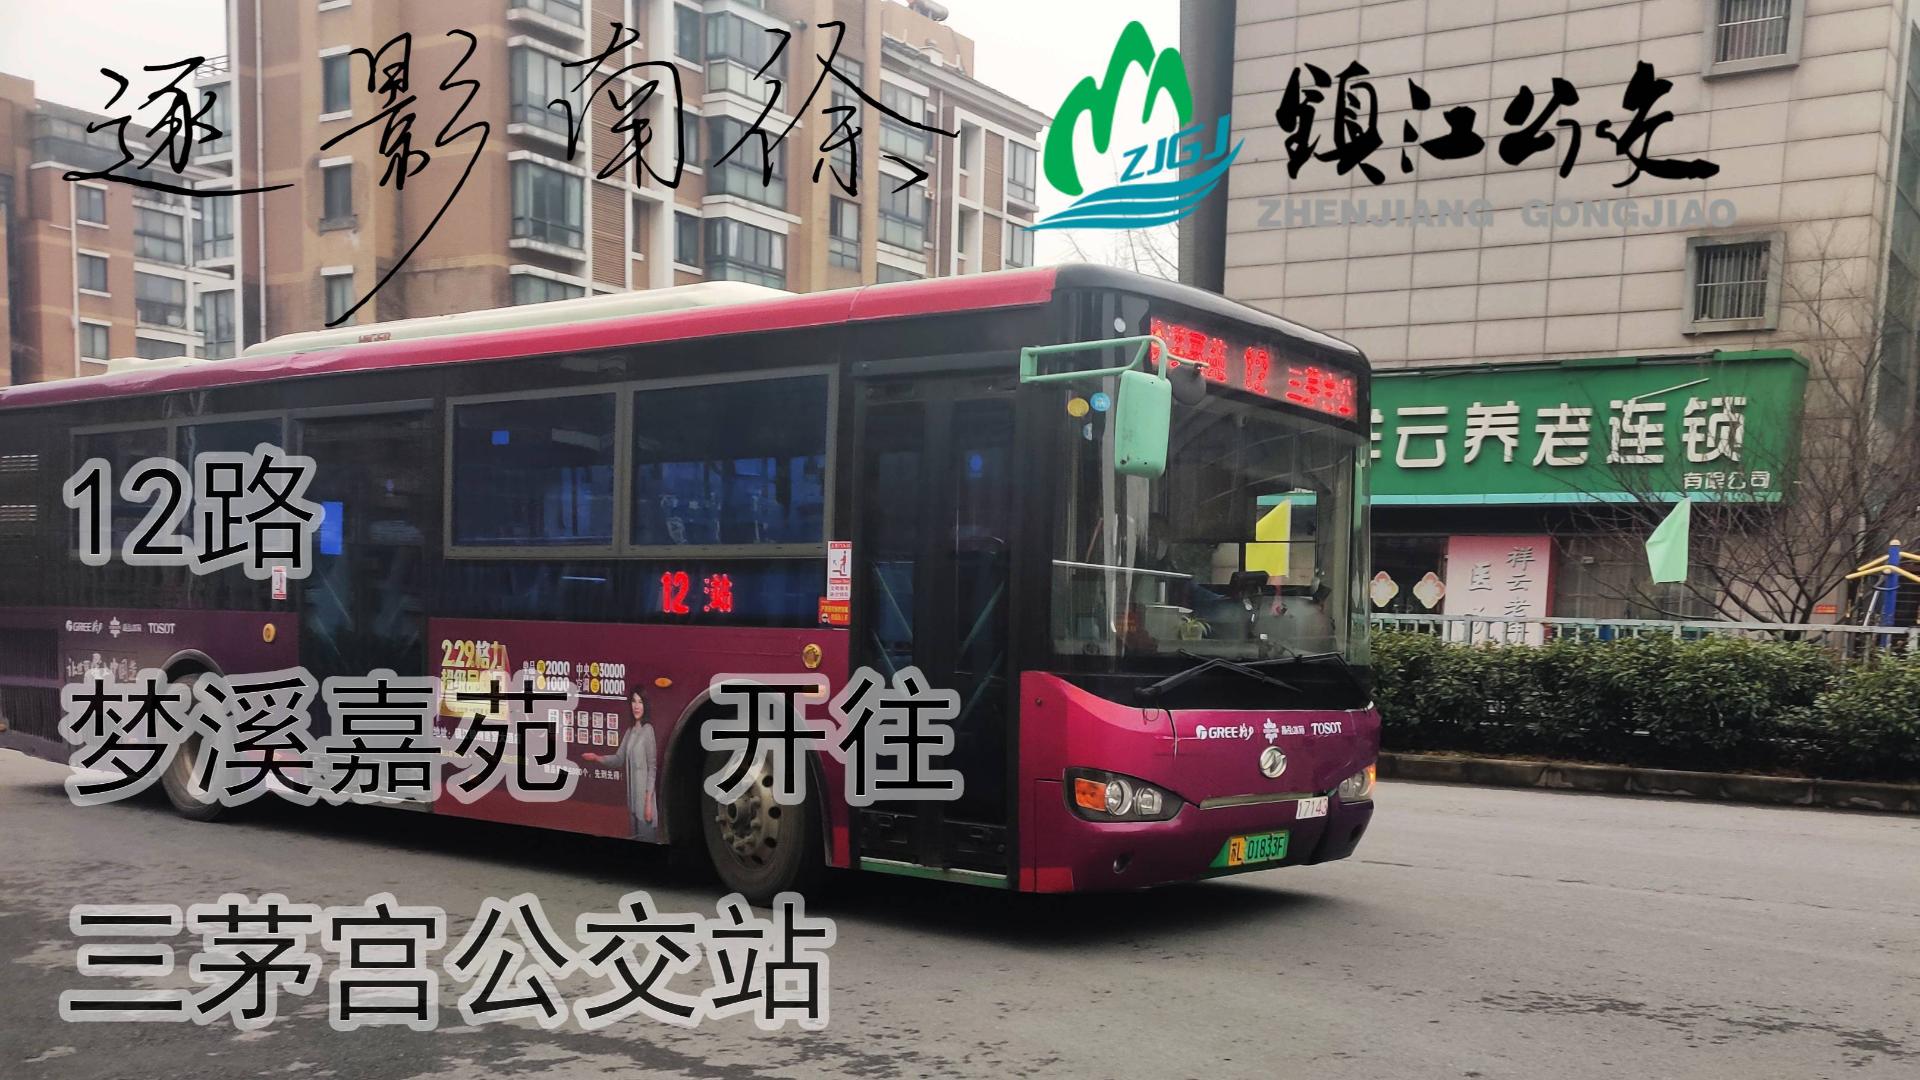 【镇江公交】12路 梦溪嘉苑开往三茅宫公交站